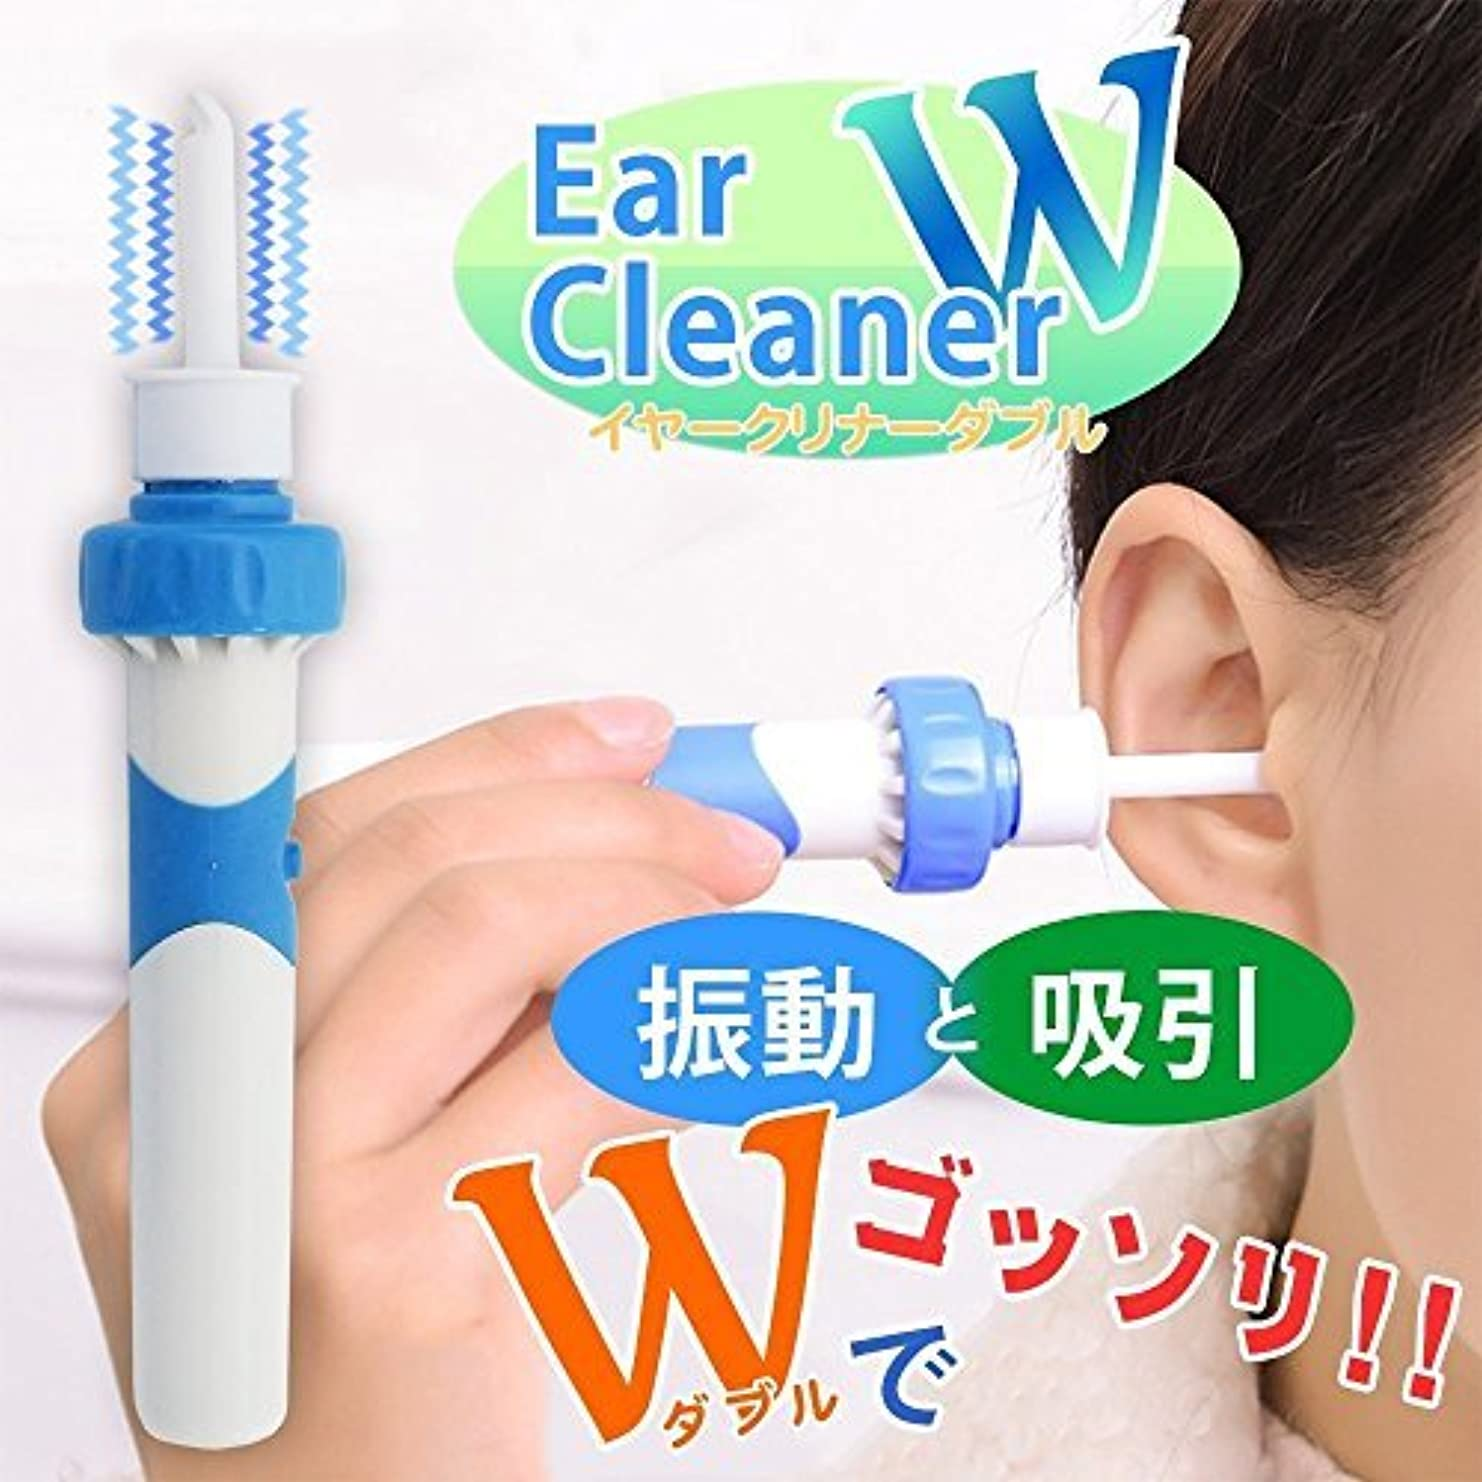 実行可能仲人バルコニーCHUI FEN 耳掃除機 電動耳掃除 耳クリーナー 耳掃除 みみそうじ 耳垢 吸引 耳あか吸引